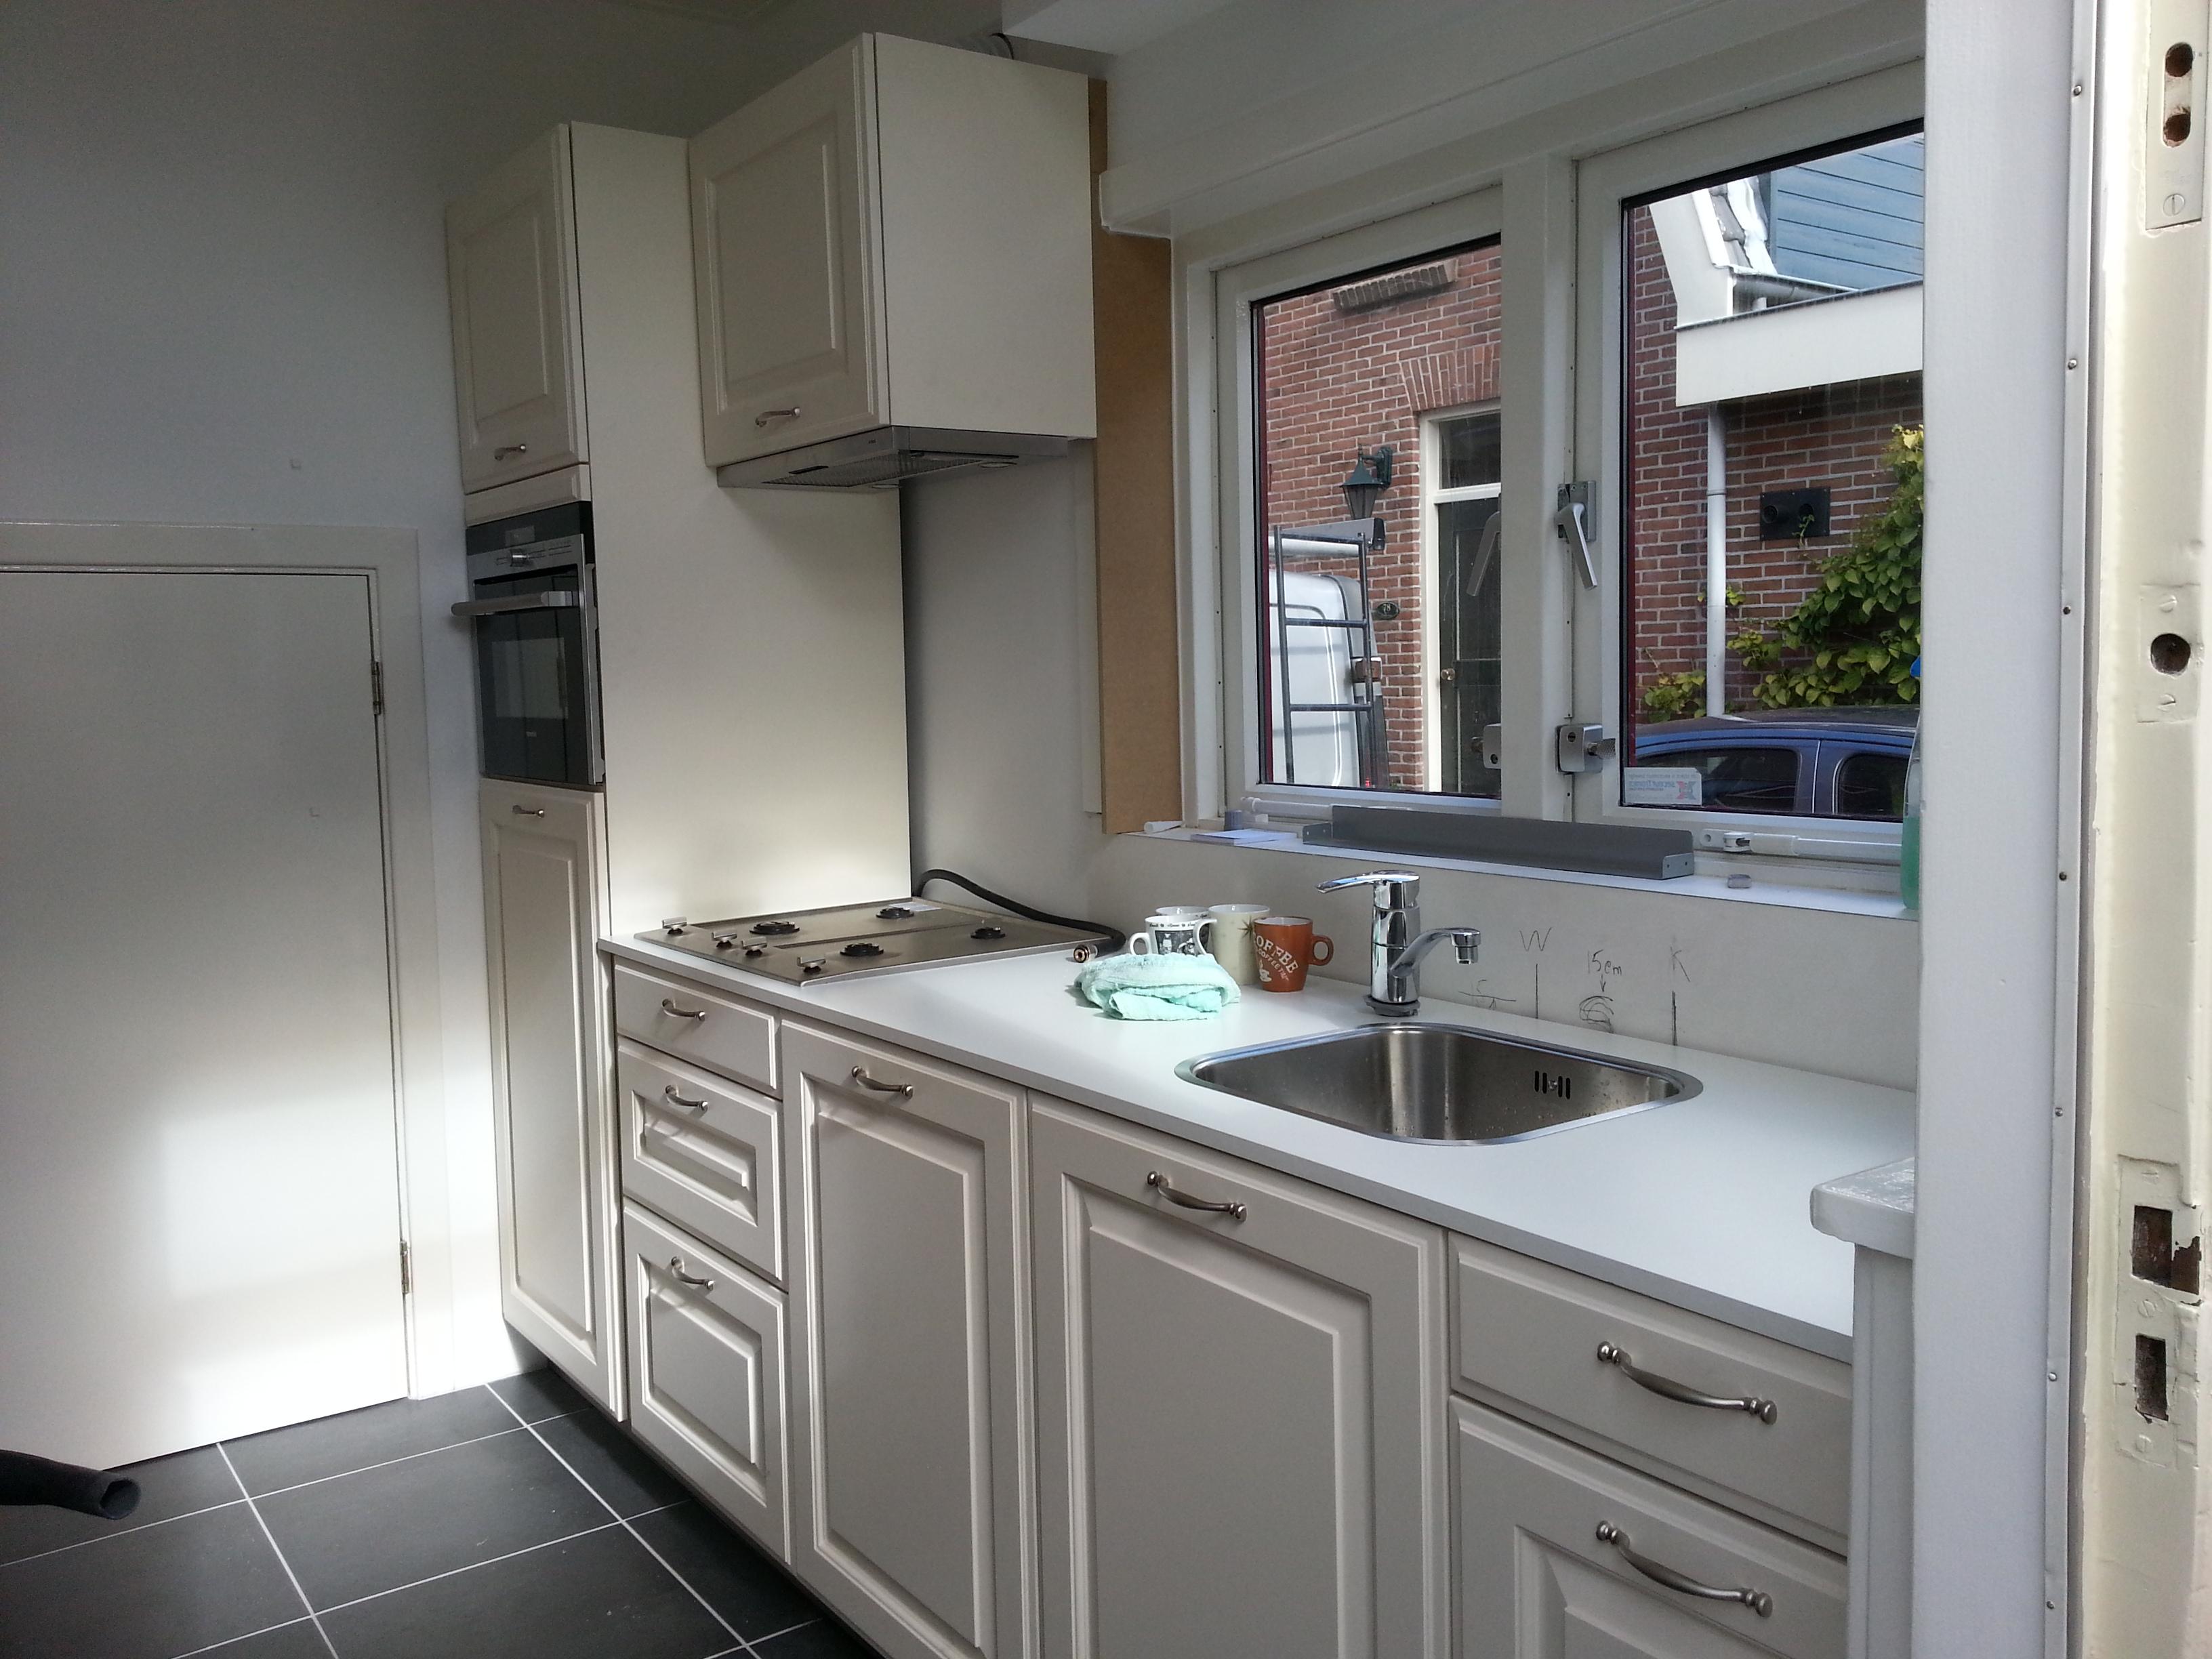 keuken nieuwe tegels : Nieuwe Keuken Met Tegels Klussenbedrijf Aan Het Werk